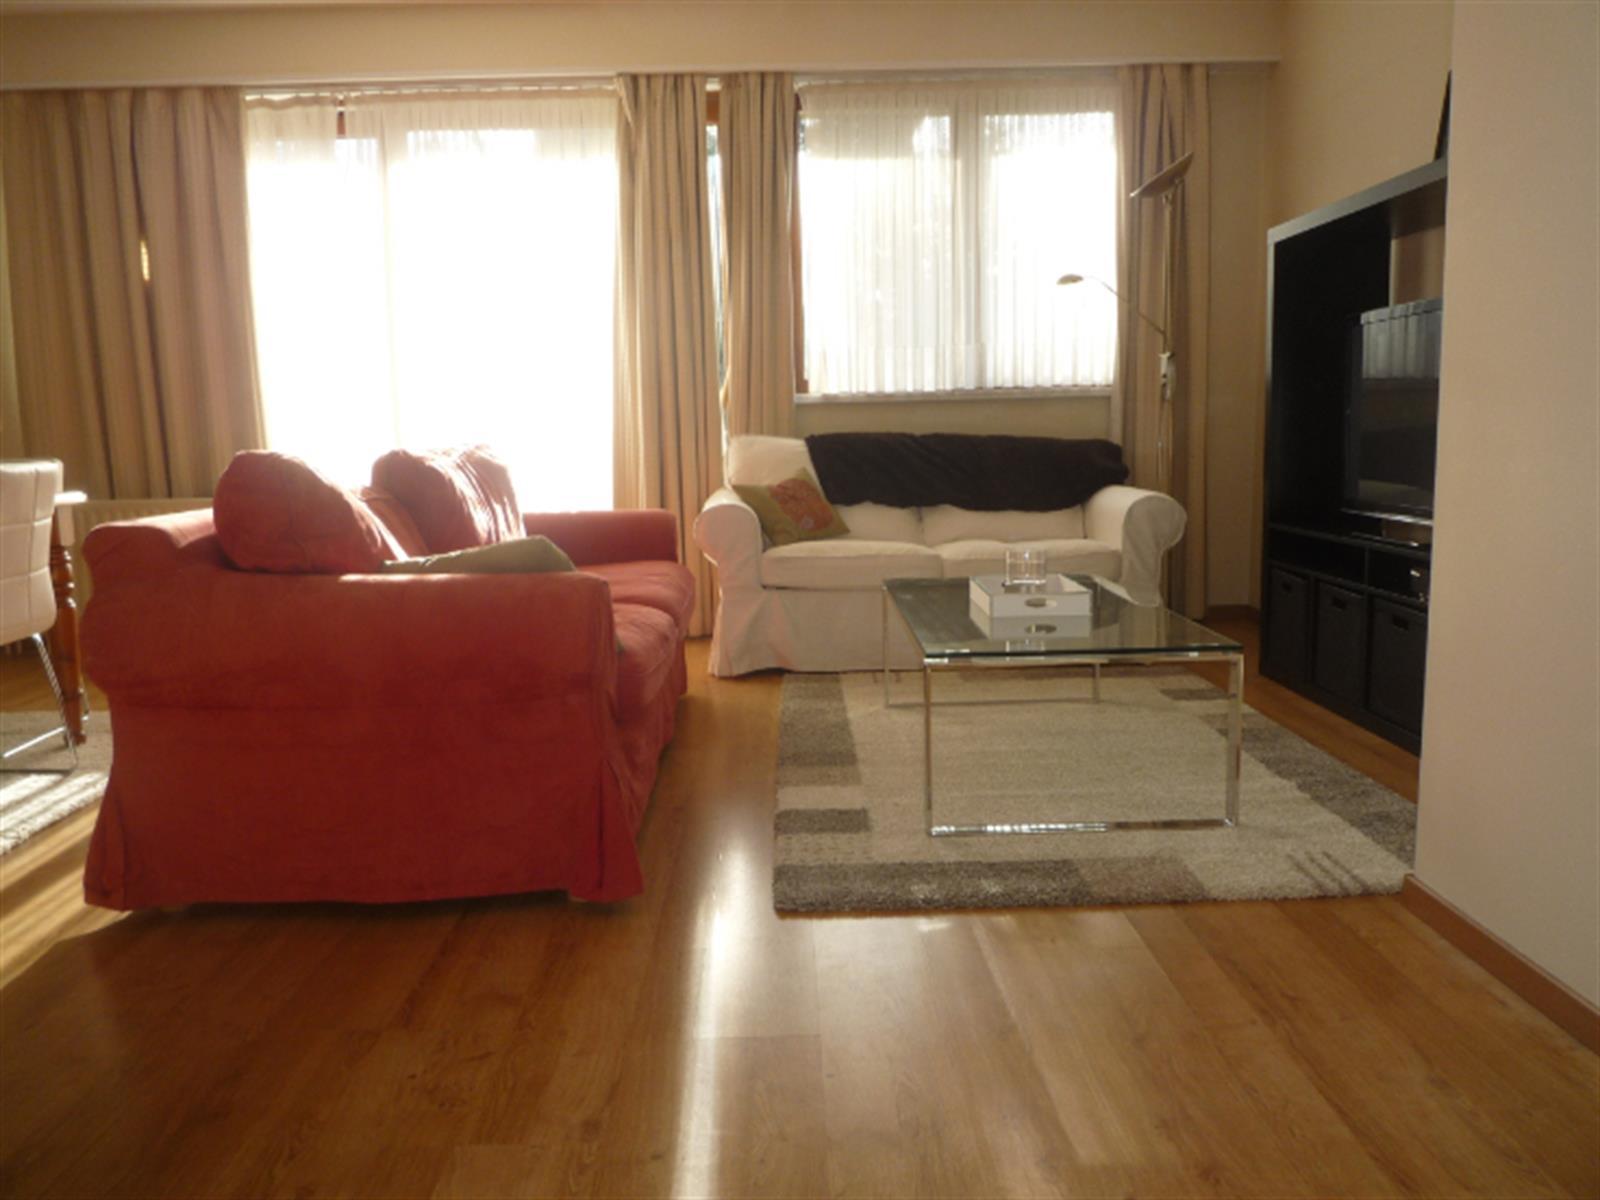 Appartement - Woluwe-Saint-Pierre - #4043876-1